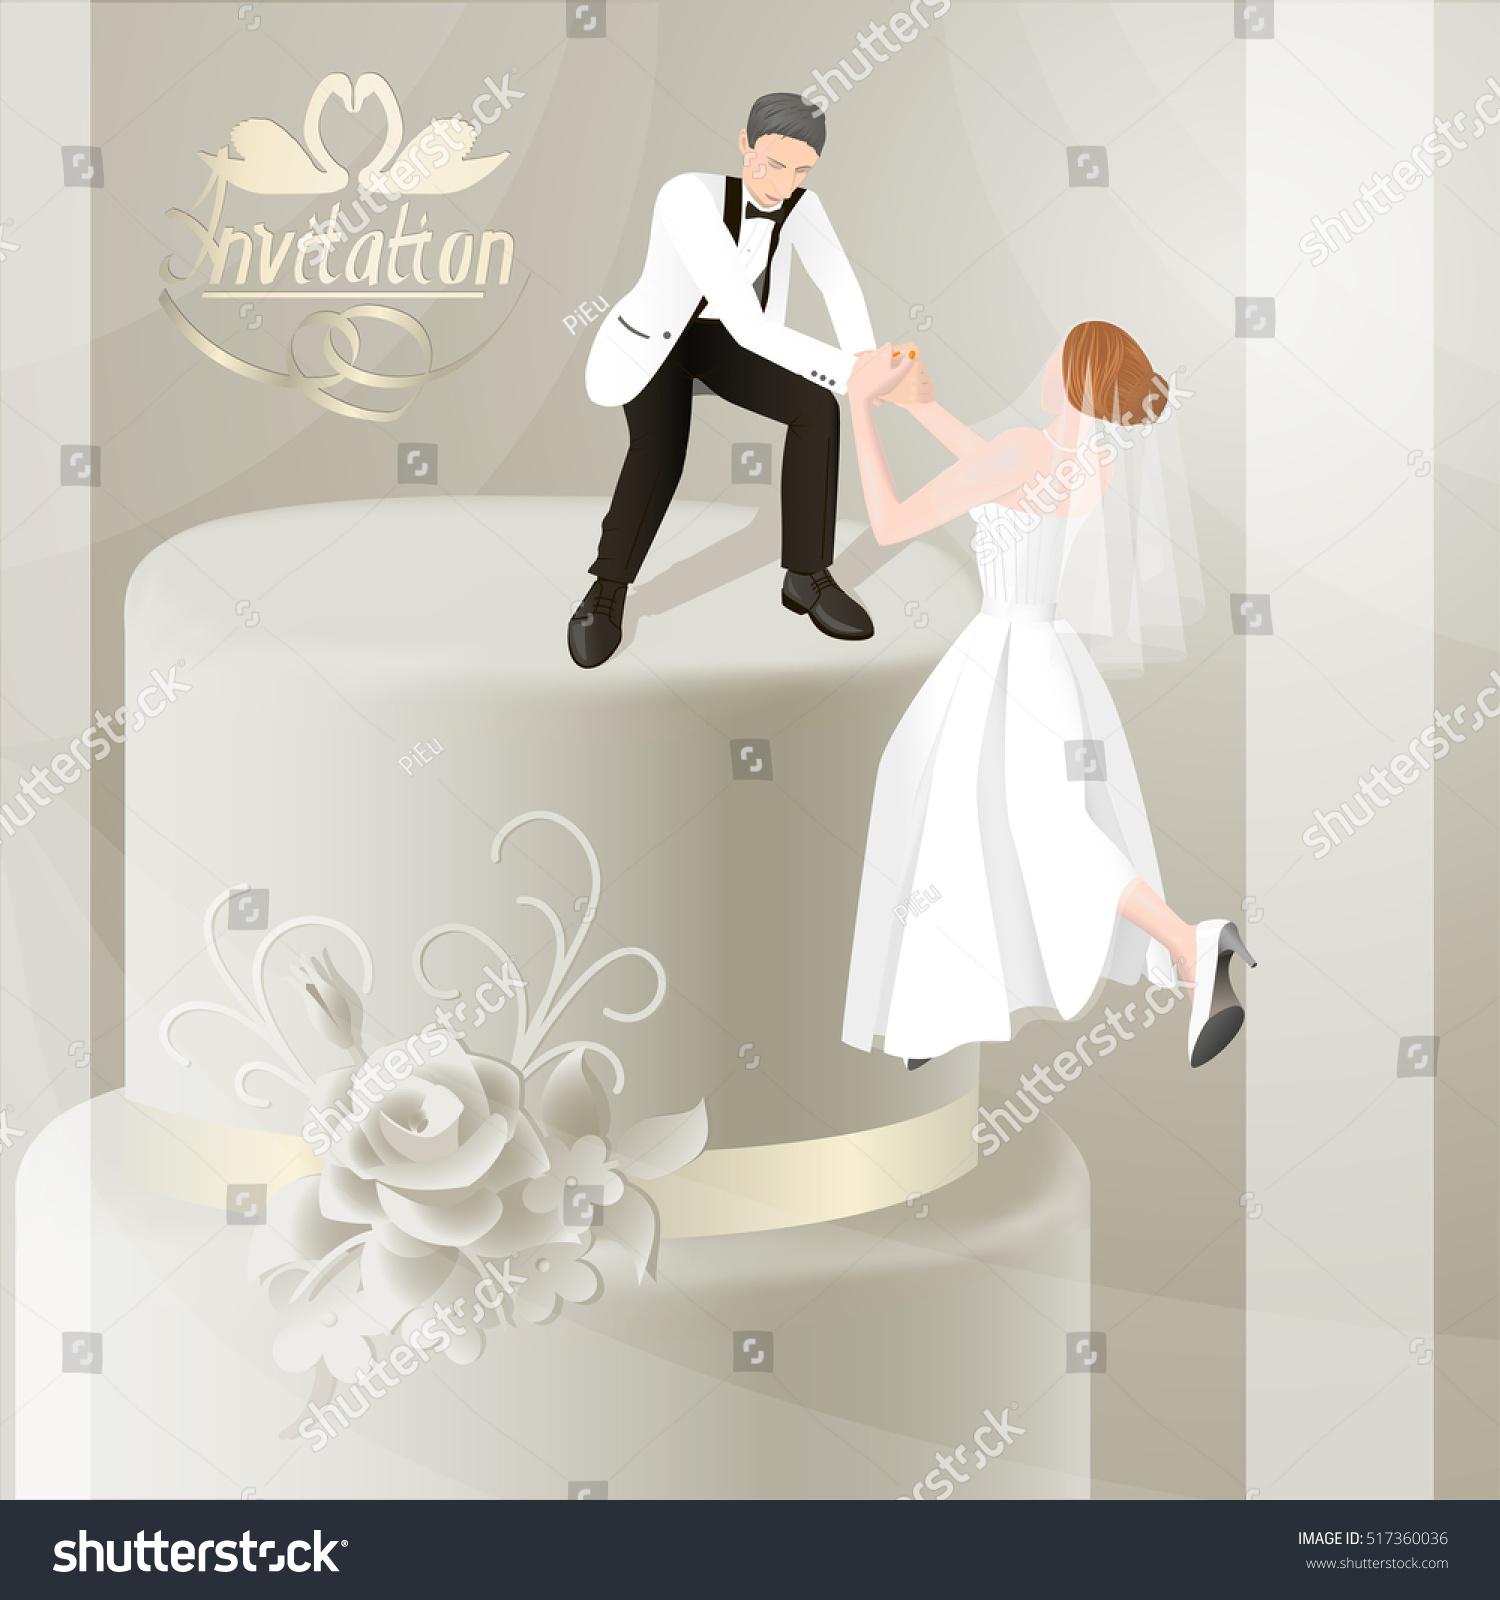 Illustration Wedding Invitation Card Bride Groom Stock Vector ...